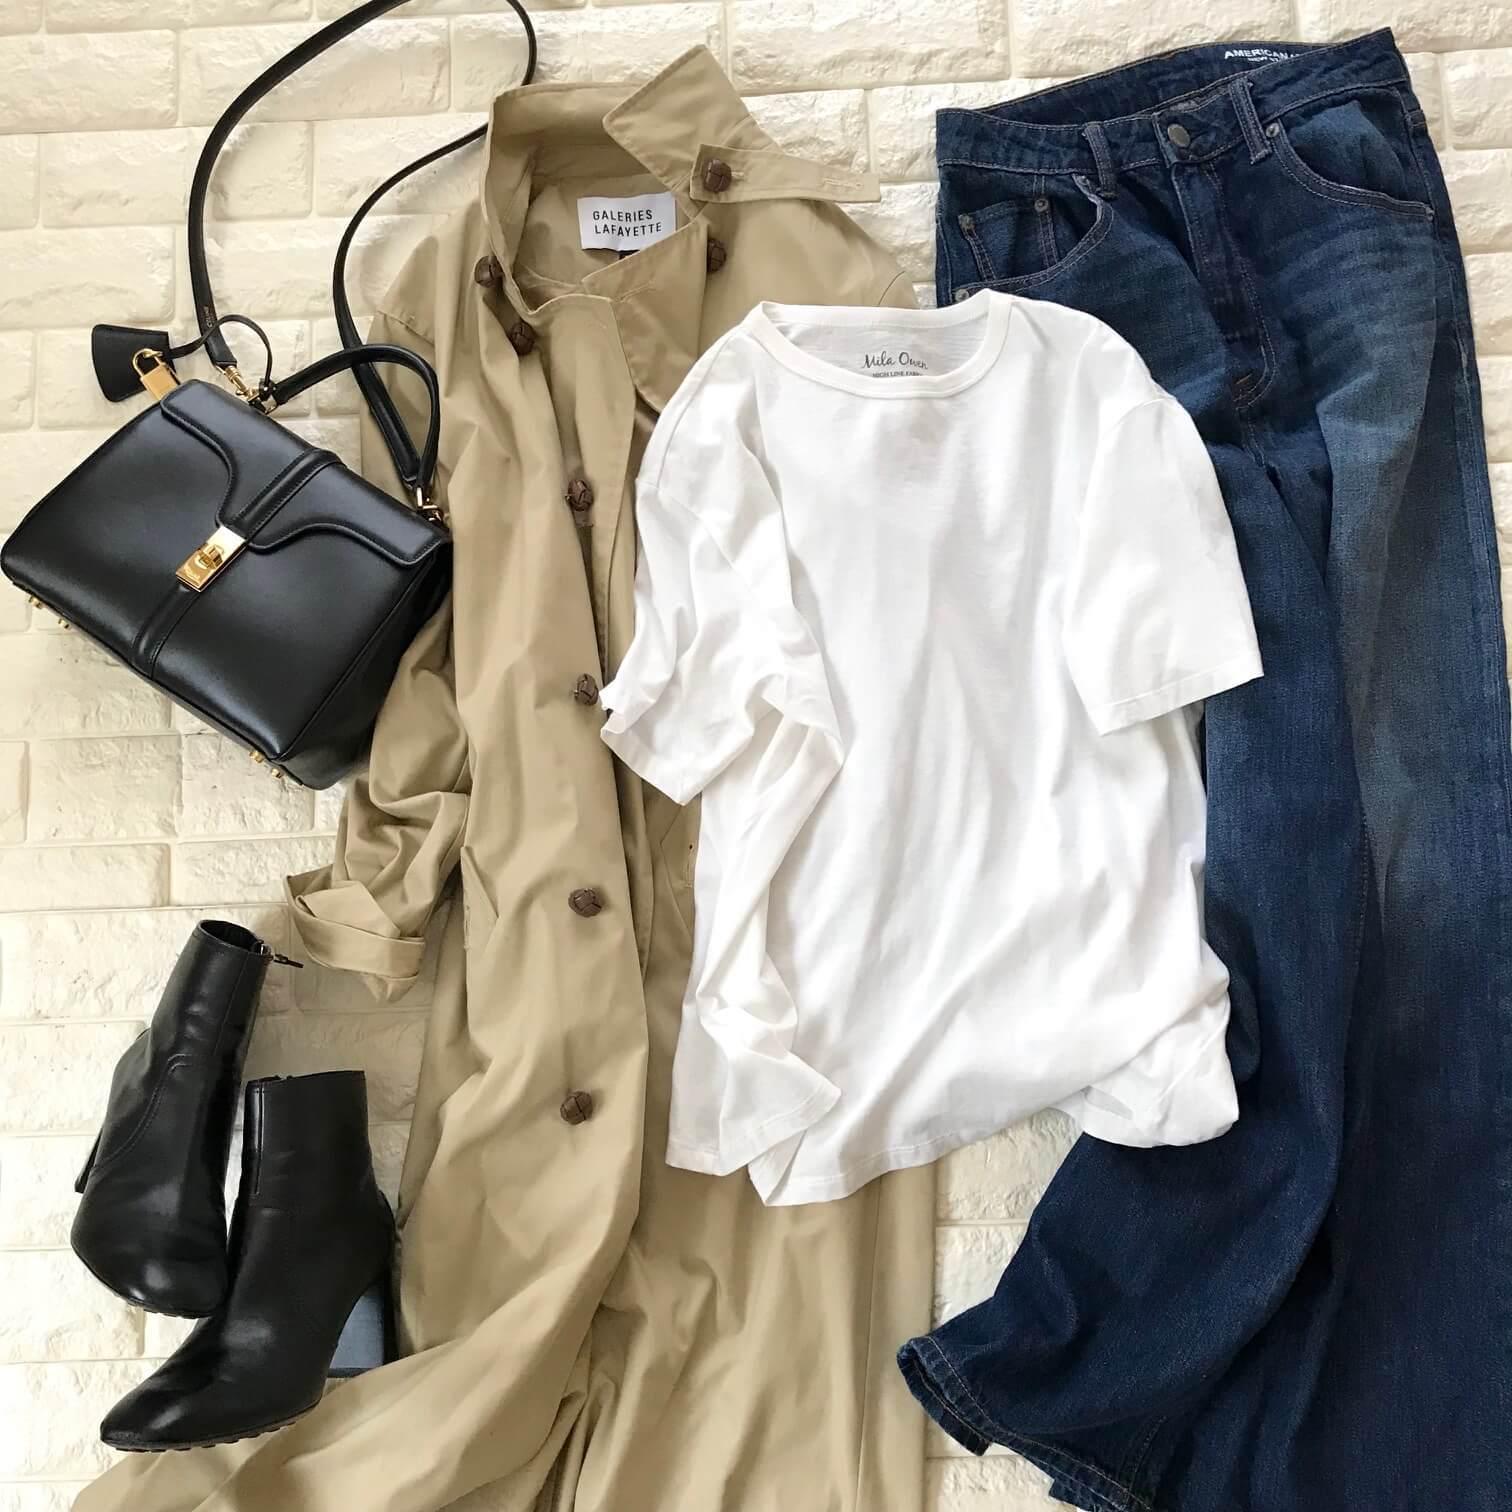 白Tシャツとトレンチを合わせた画像